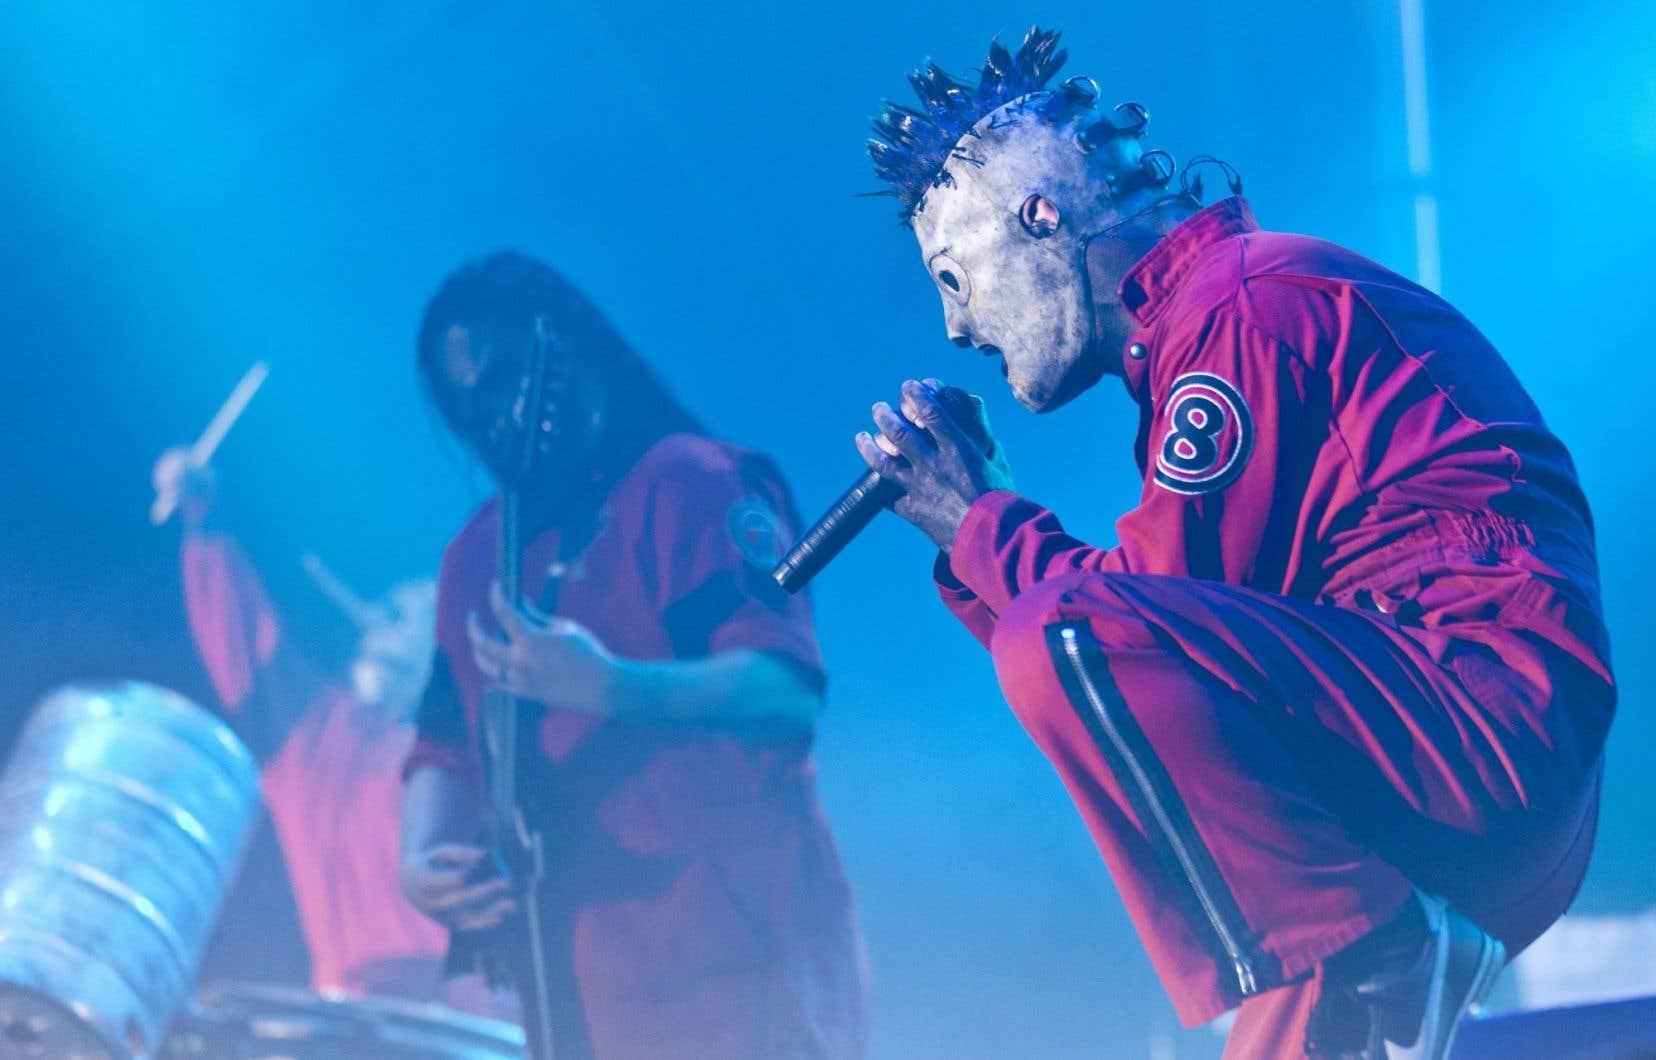 Faith No More, Korn et Slipknot (sur la photo) seront du Heavy Montréal 2015. Les festivaliers pourront aussi varier les genres, puisque l'ouverture au punk et au rock reste de mise.